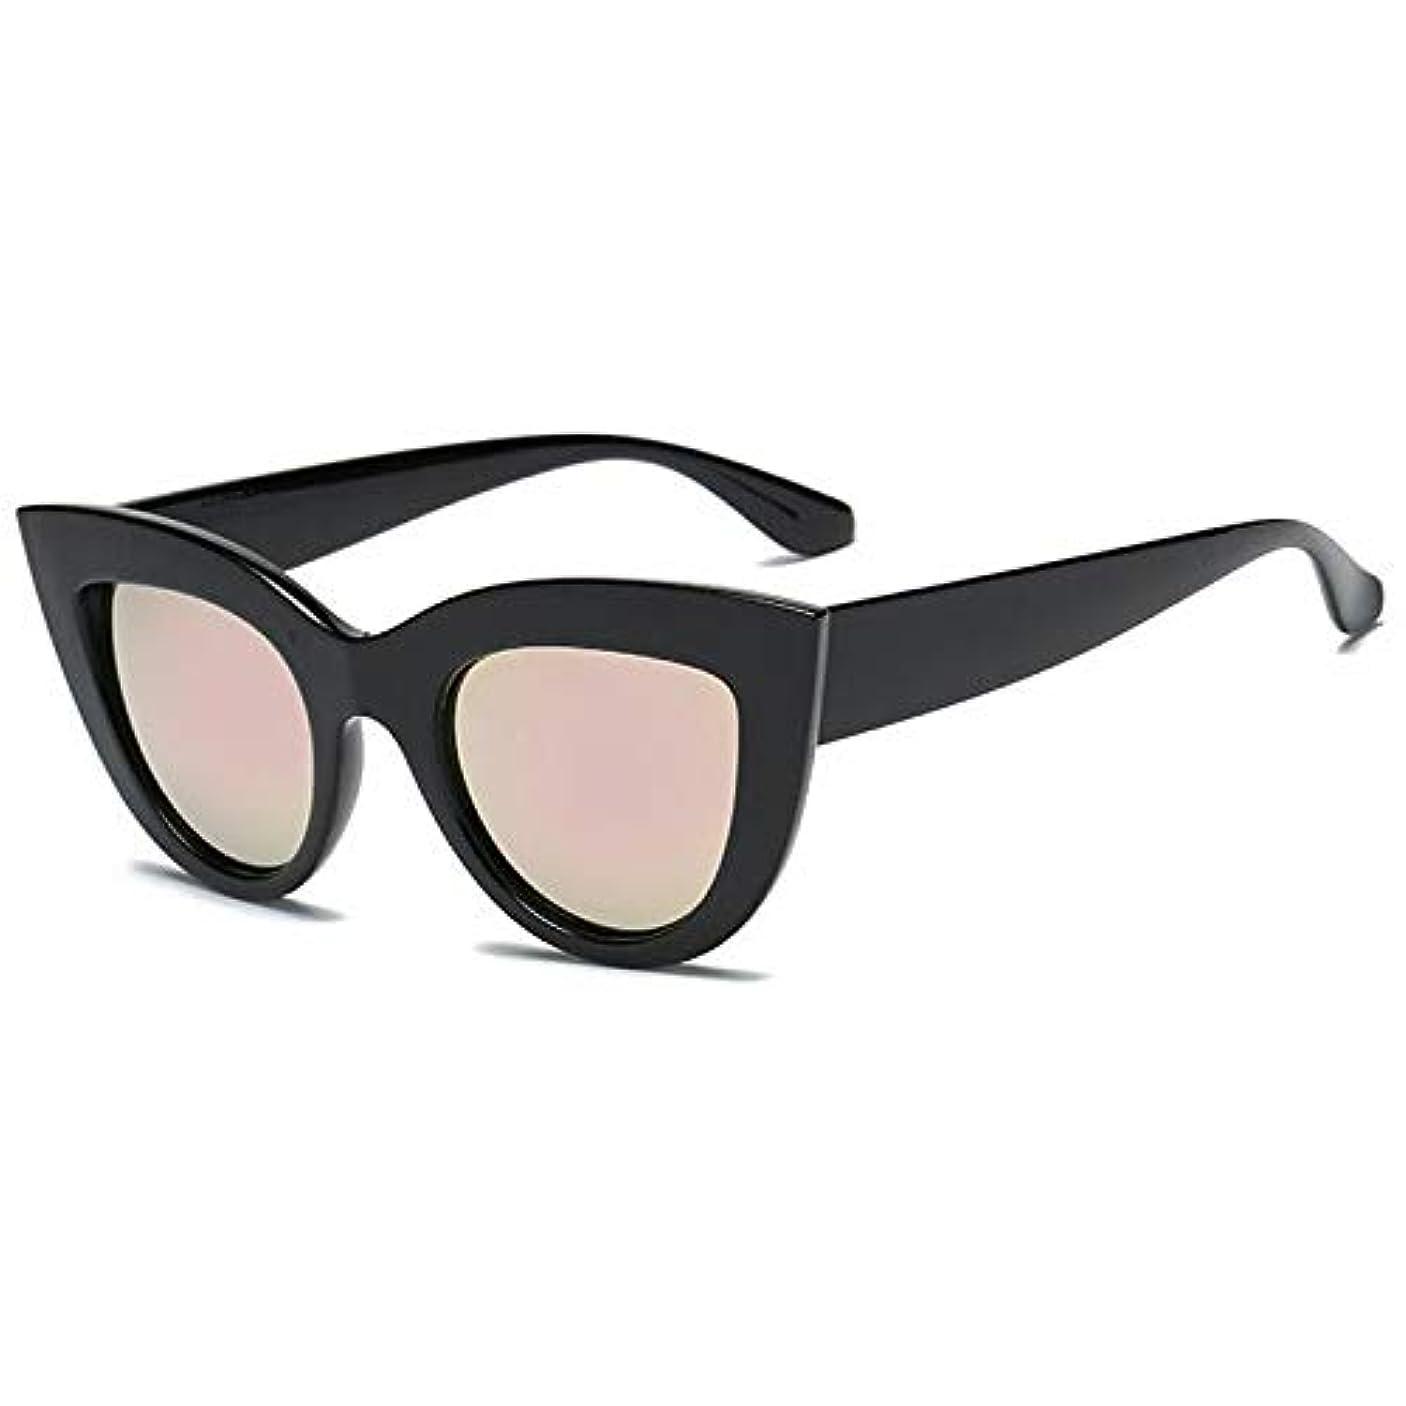 歌詞チーターハックTOOGOO 新品猫の目女性サングラスレンズ男性ヴィンテージ型サングラス女性用アイウェアサングラス(ブラックホワイト+グレー)